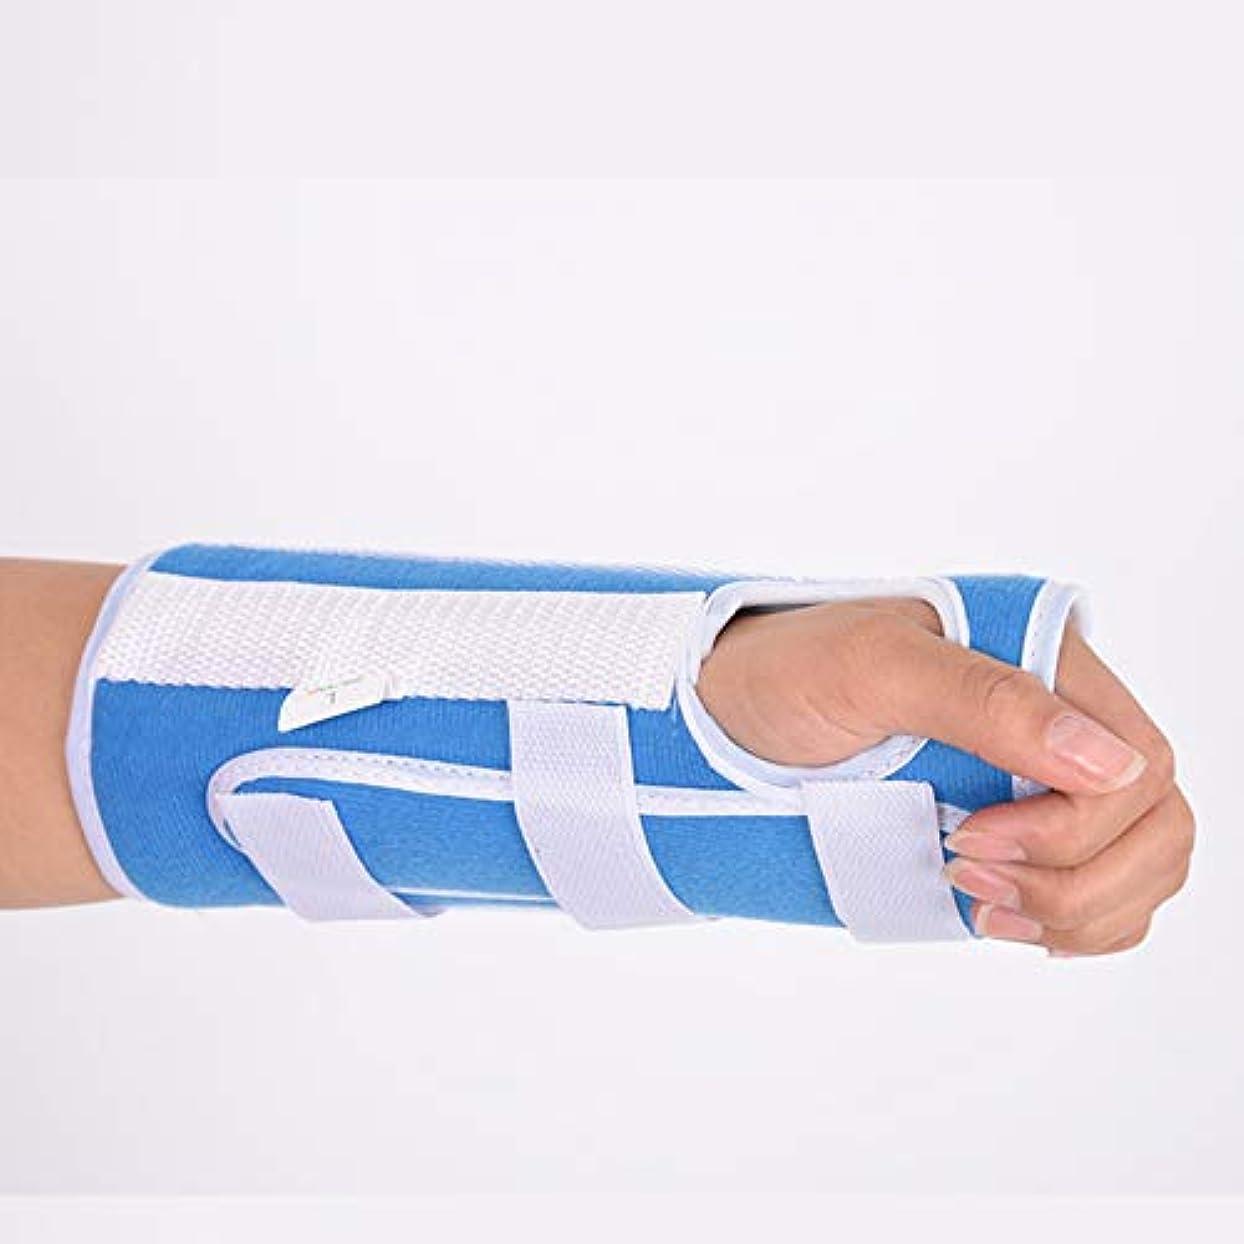 重要なチャーター早い手根管用手首装具、関節炎および腱炎用の快適で調整可能な手首支持装具、左手と右手の両方に適合,S